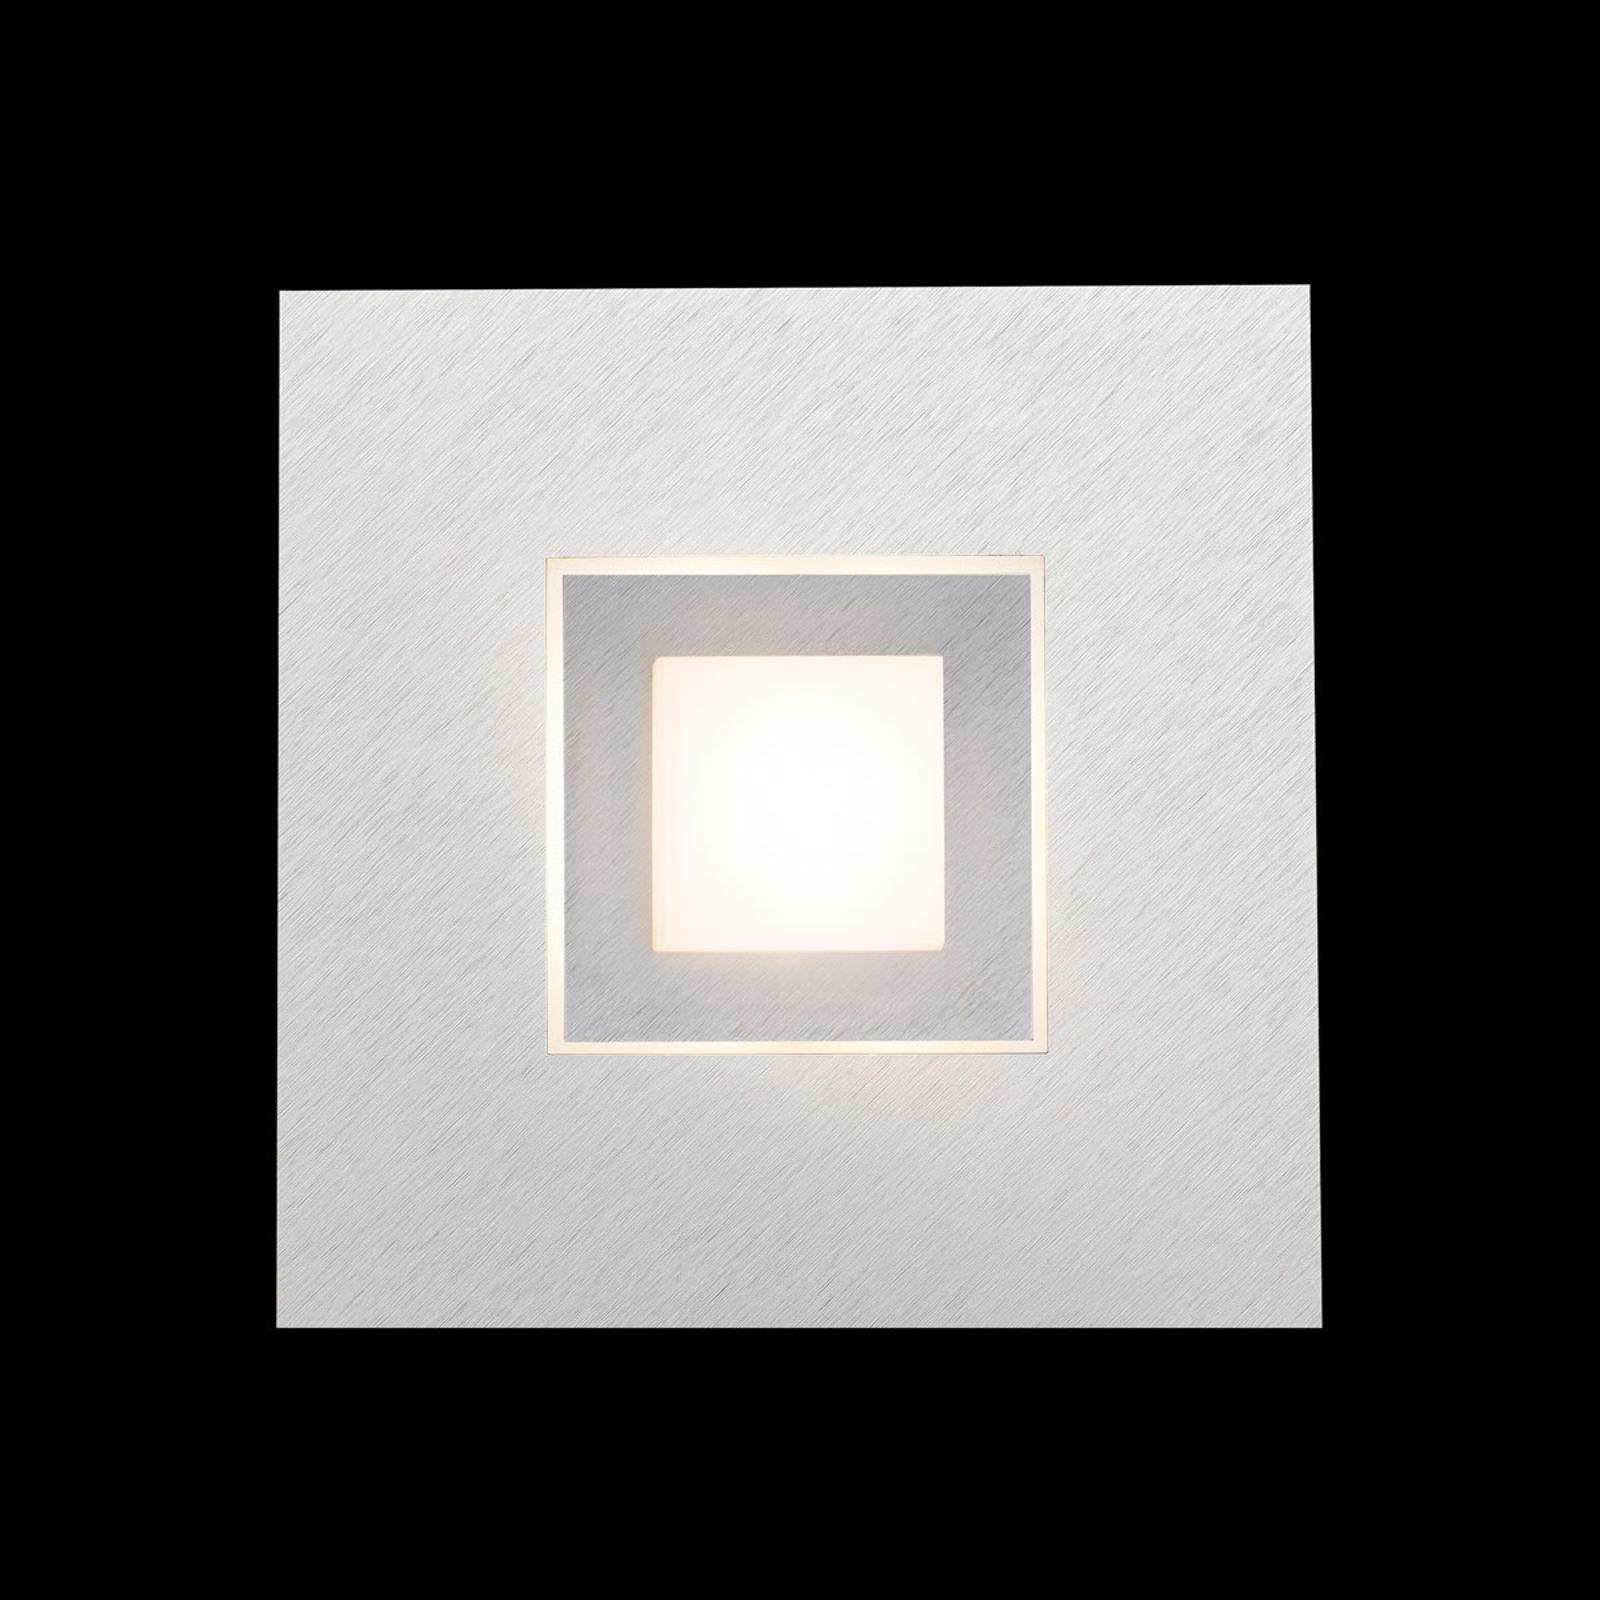 GROSSMANN Carré applique LED, titane